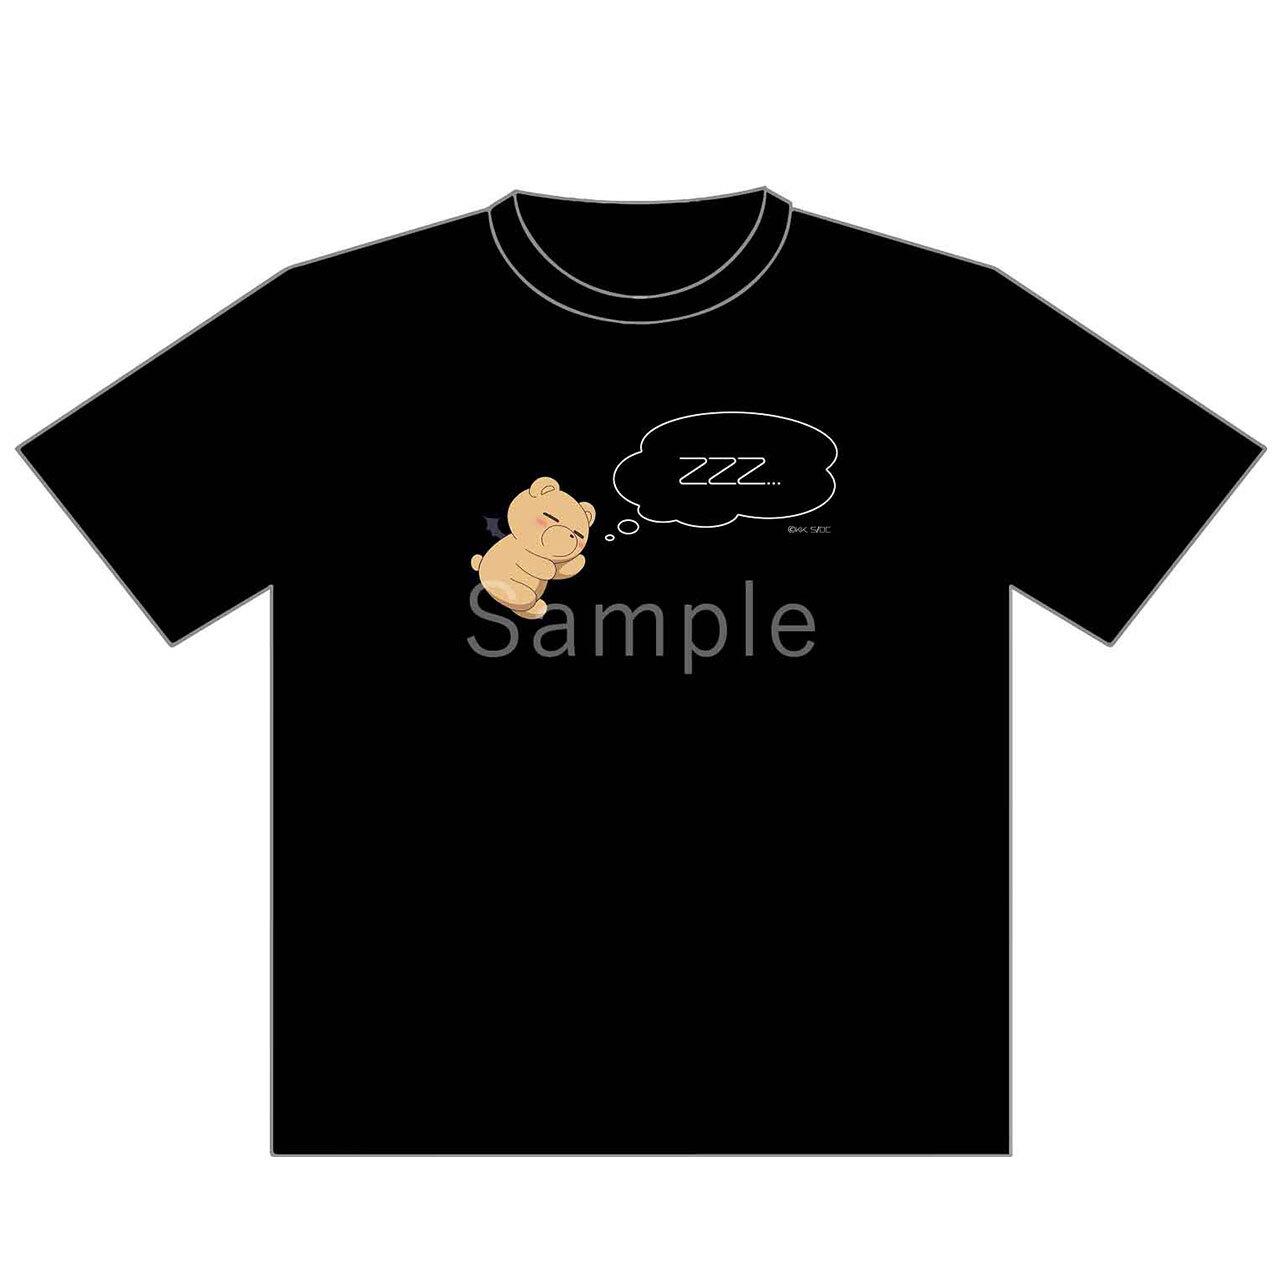 【4589839356190予】魔王城でおやすみ でびあくまTシャツ/Lサイズ